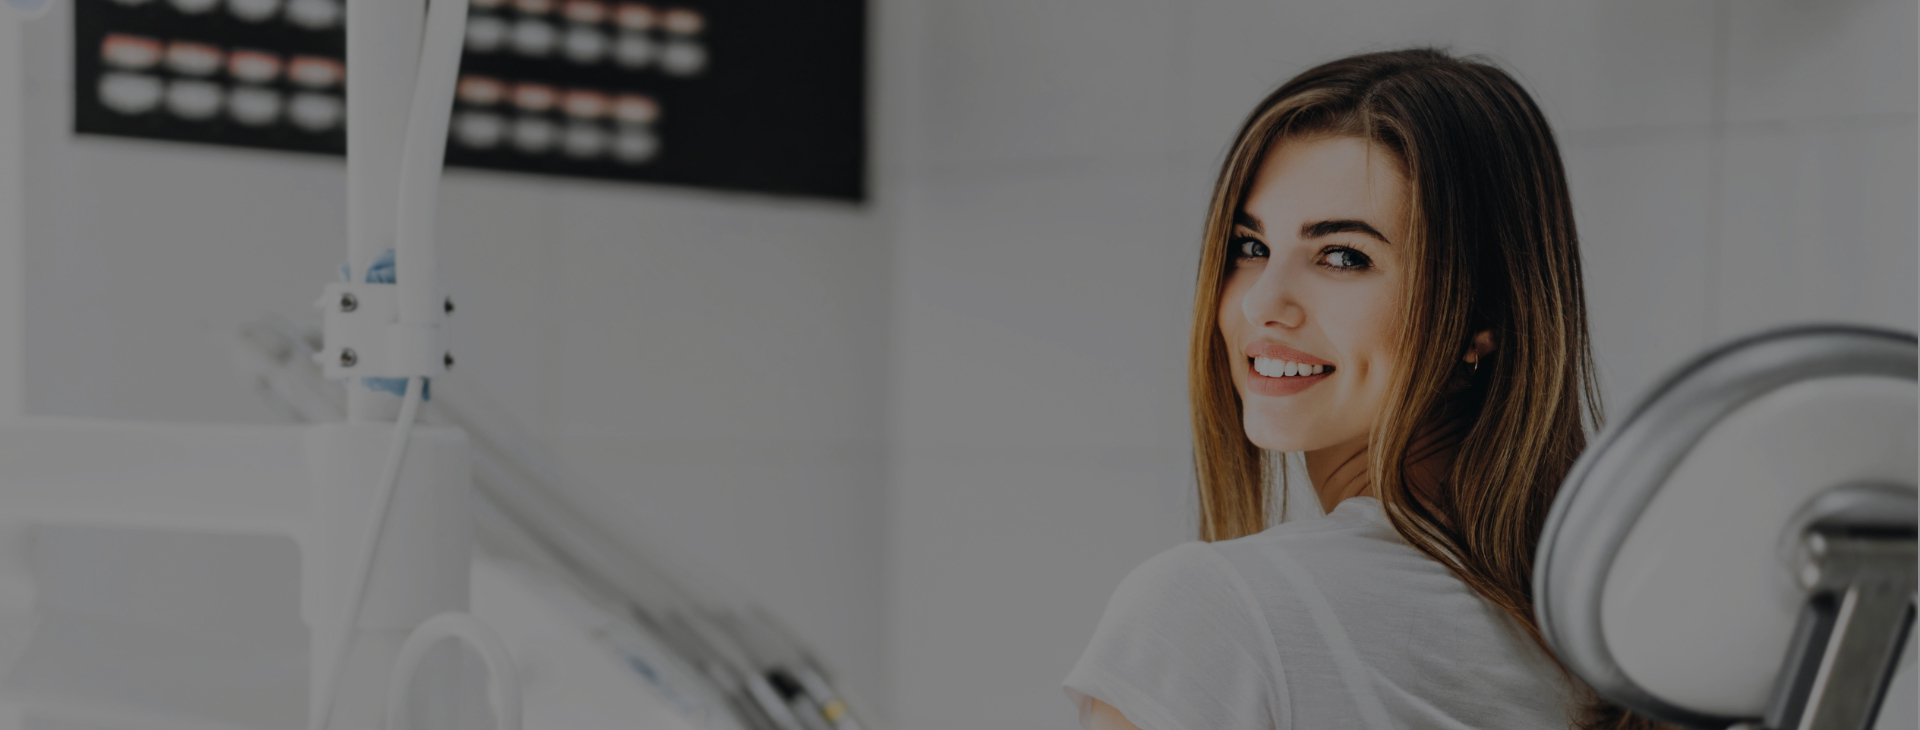 Venez profiter de nos soins dentaires de qualité, prodigués dans un environnement chaleureux et moderne.